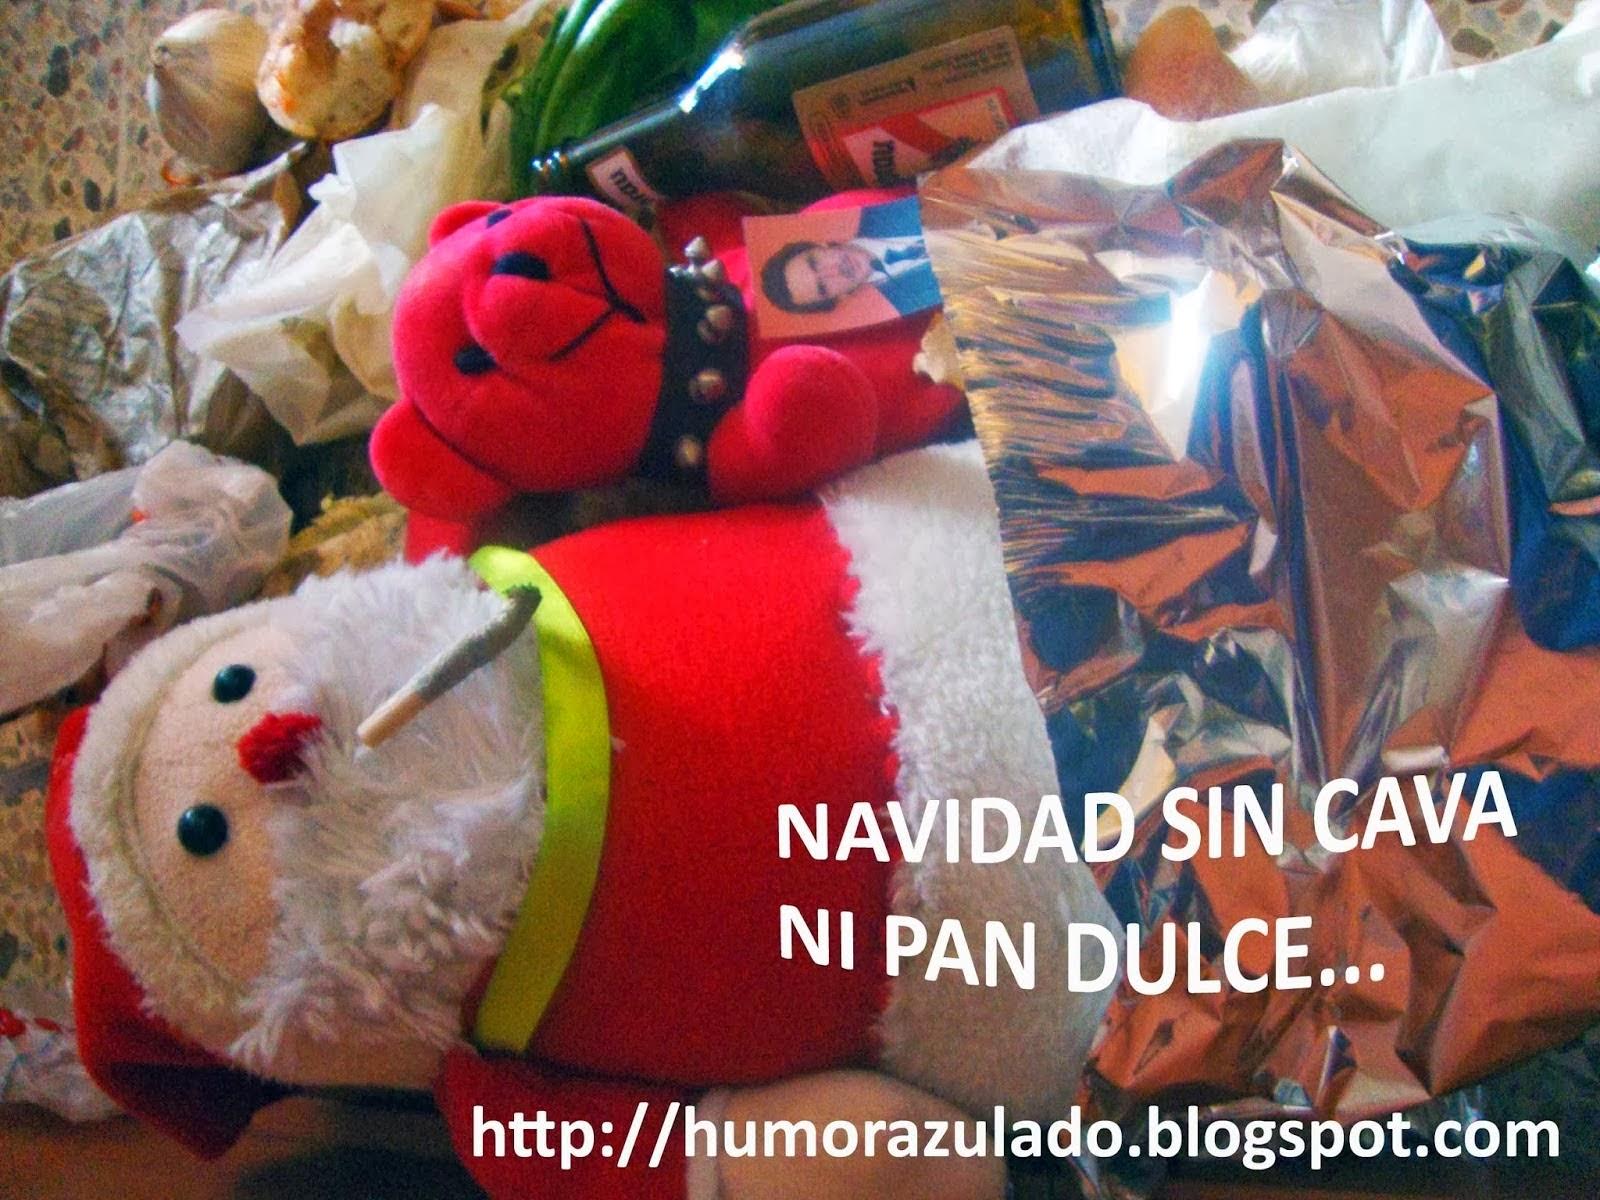 b3983870f6 2. cuanta felicidad navideña.., probablemente nunca hubo tanta gente  brindando en cajeros automáticos como este año, seis millones de parados,  ...